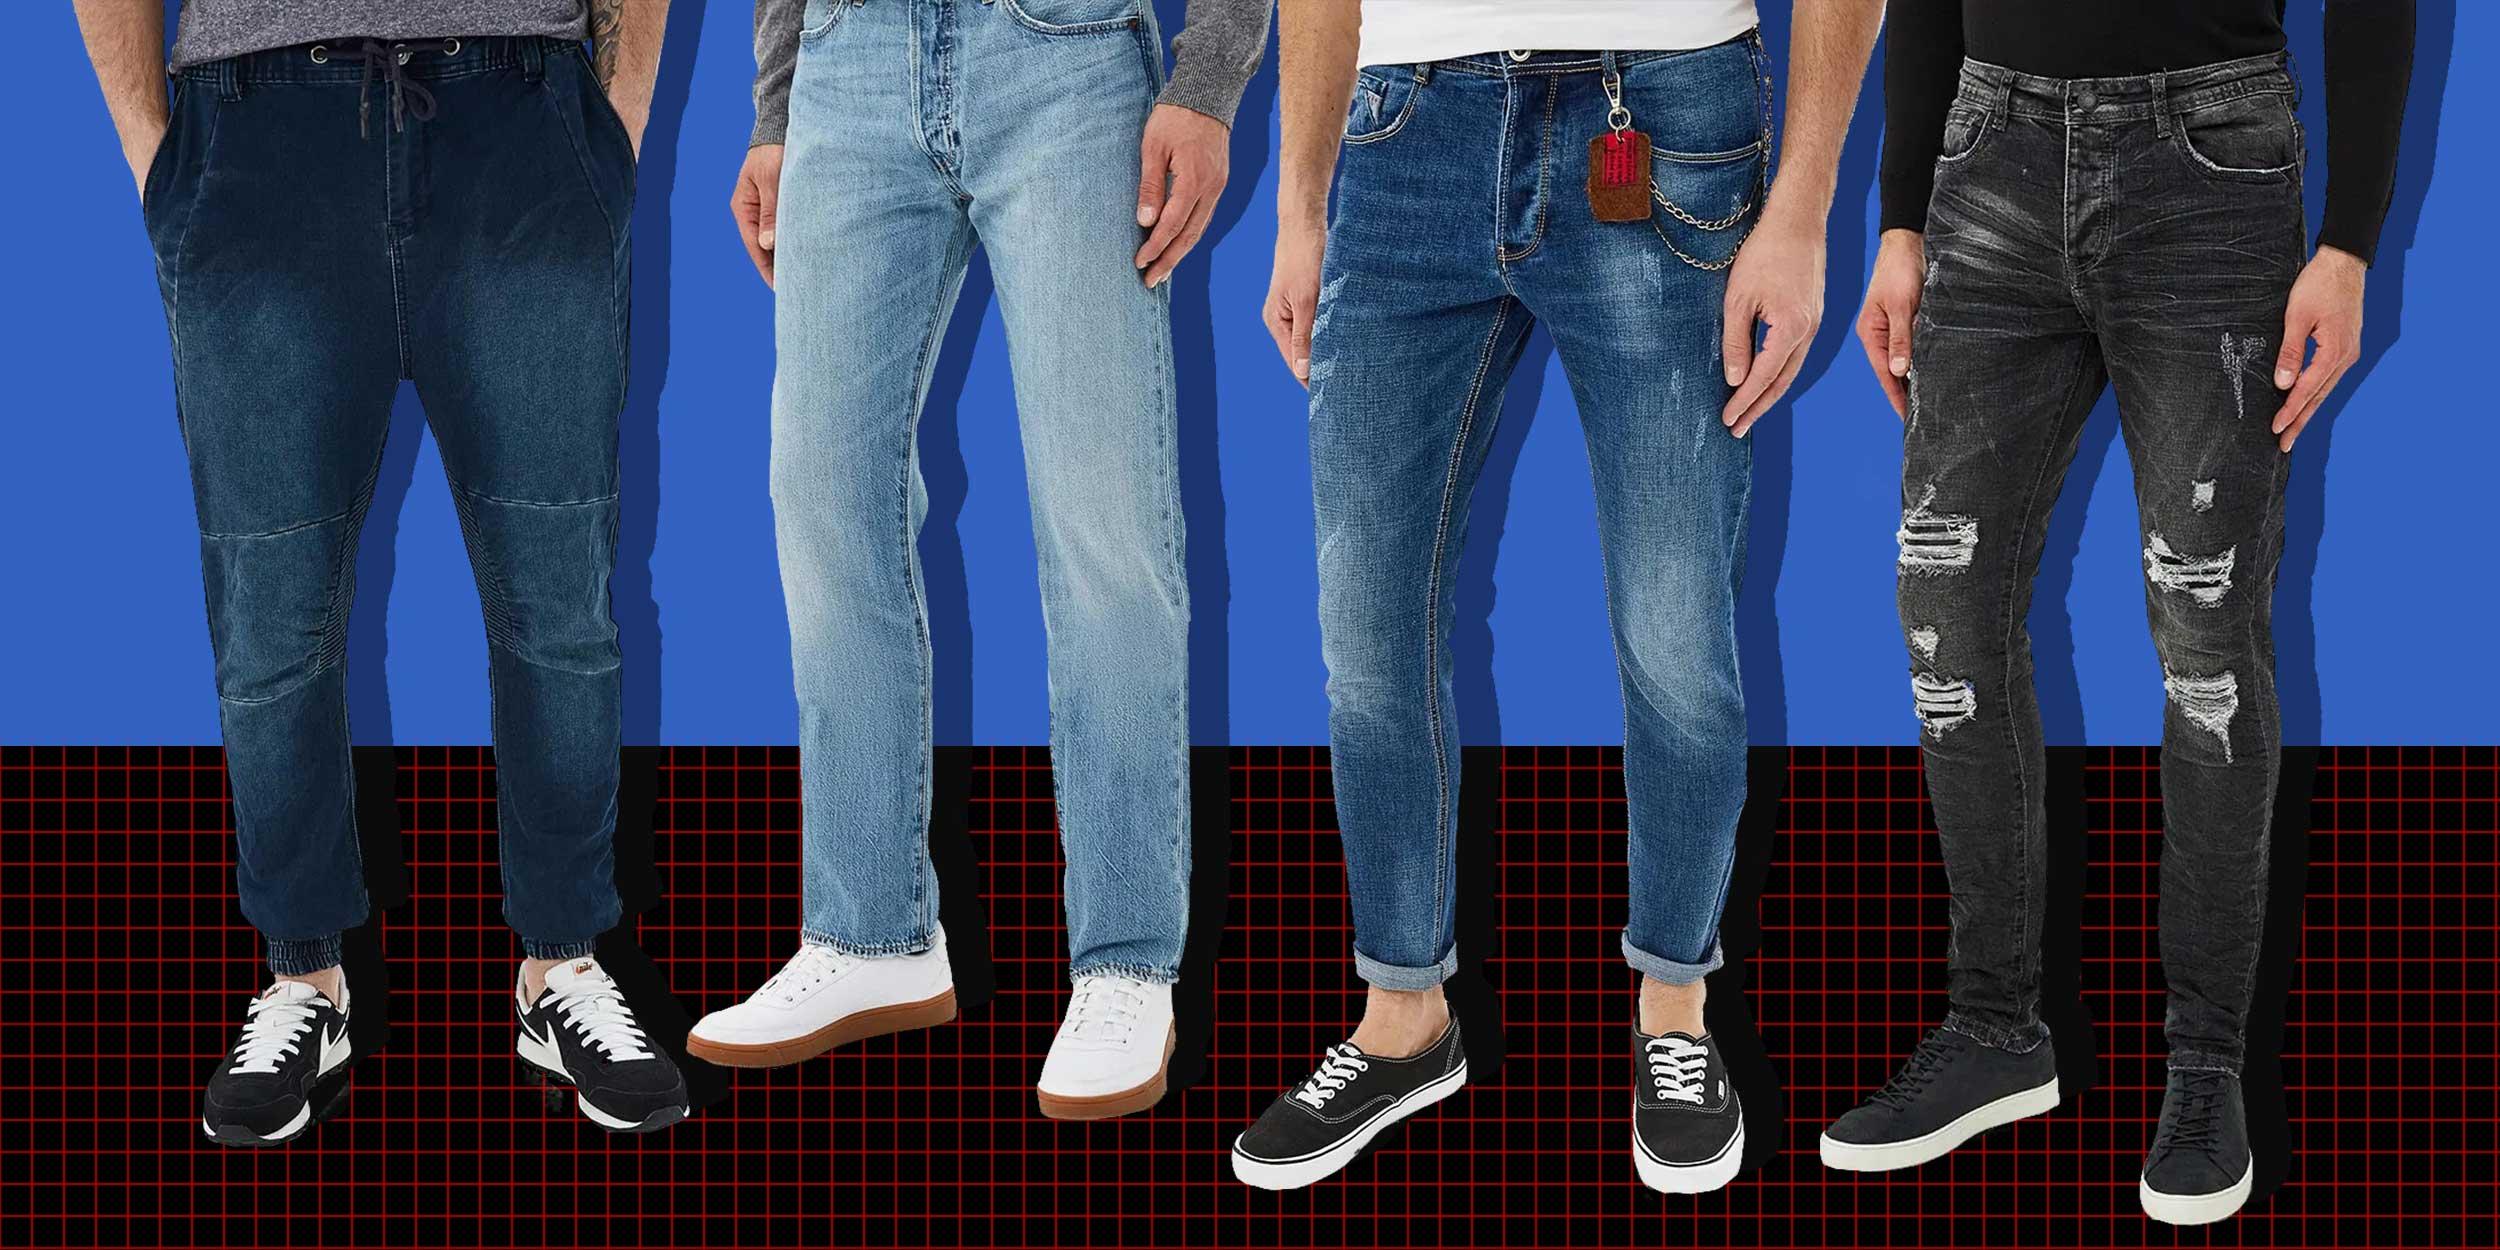 2016eaf43bc5 9 самых модных мужских джинсов 2019 года - Лайфхакер